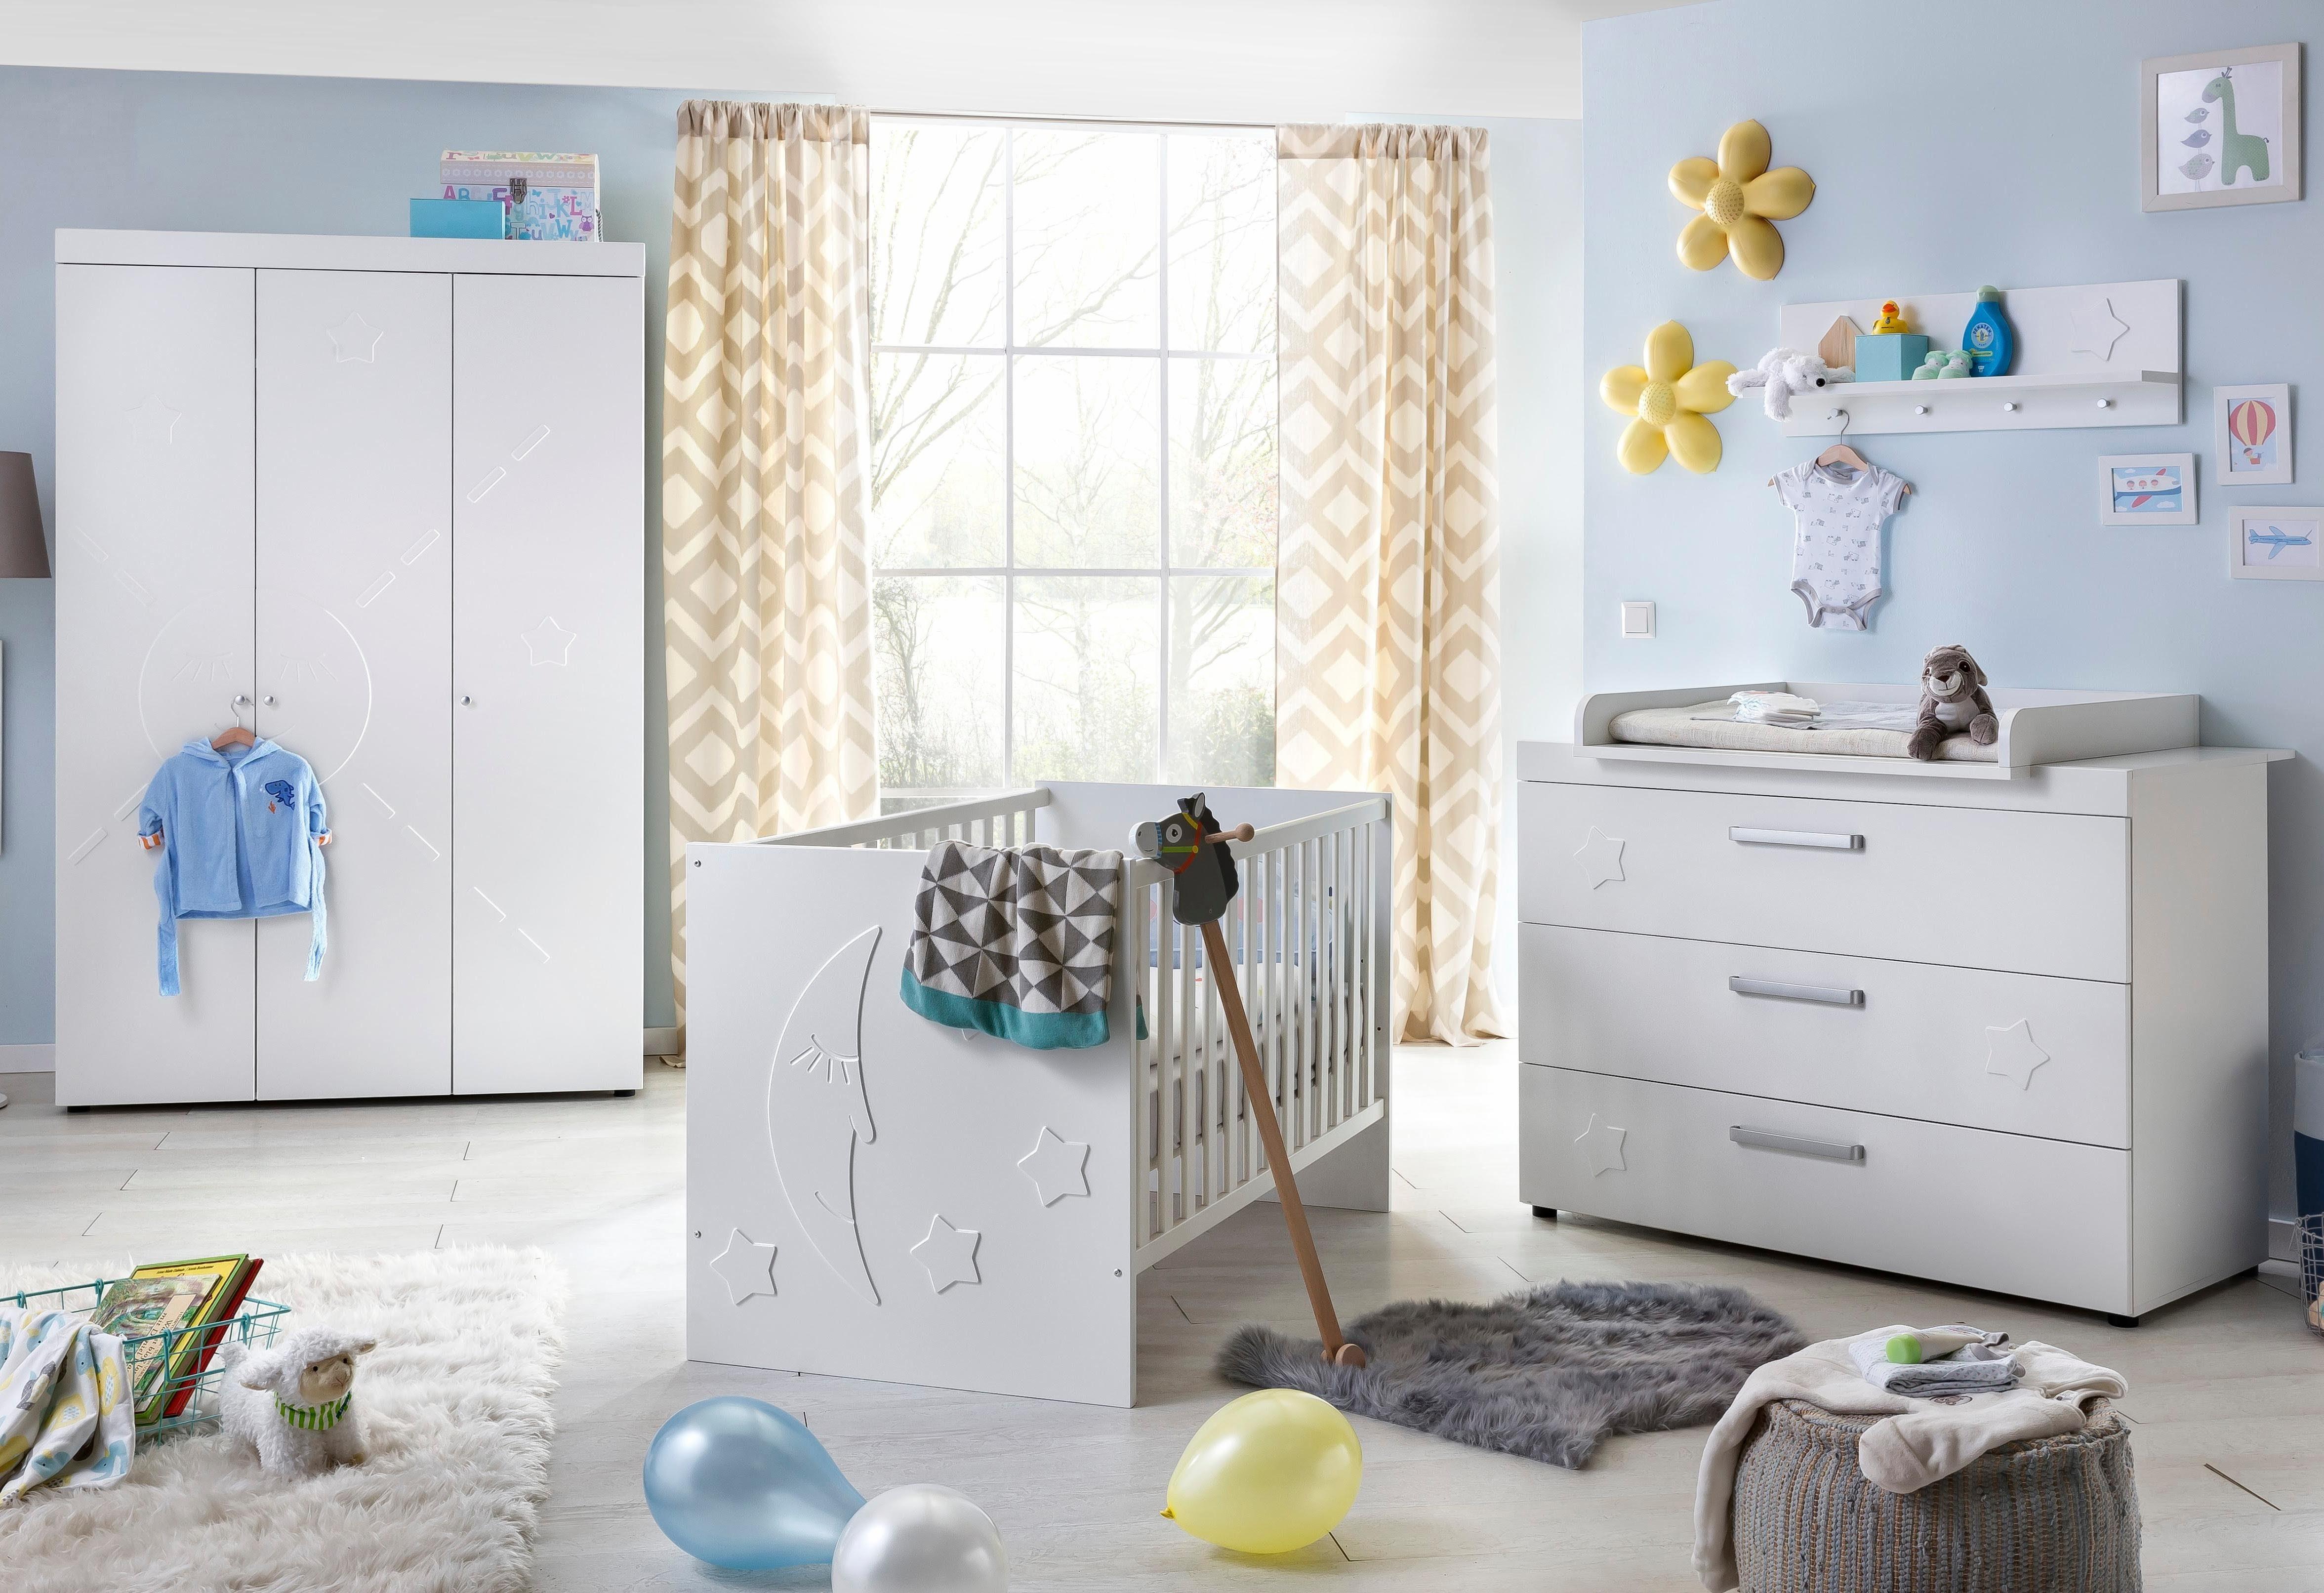 Komplett Babyzimmer »Basel« Babybett + Wickelkommode + Kleiderschrank, (3-tlg.), in weiß matt